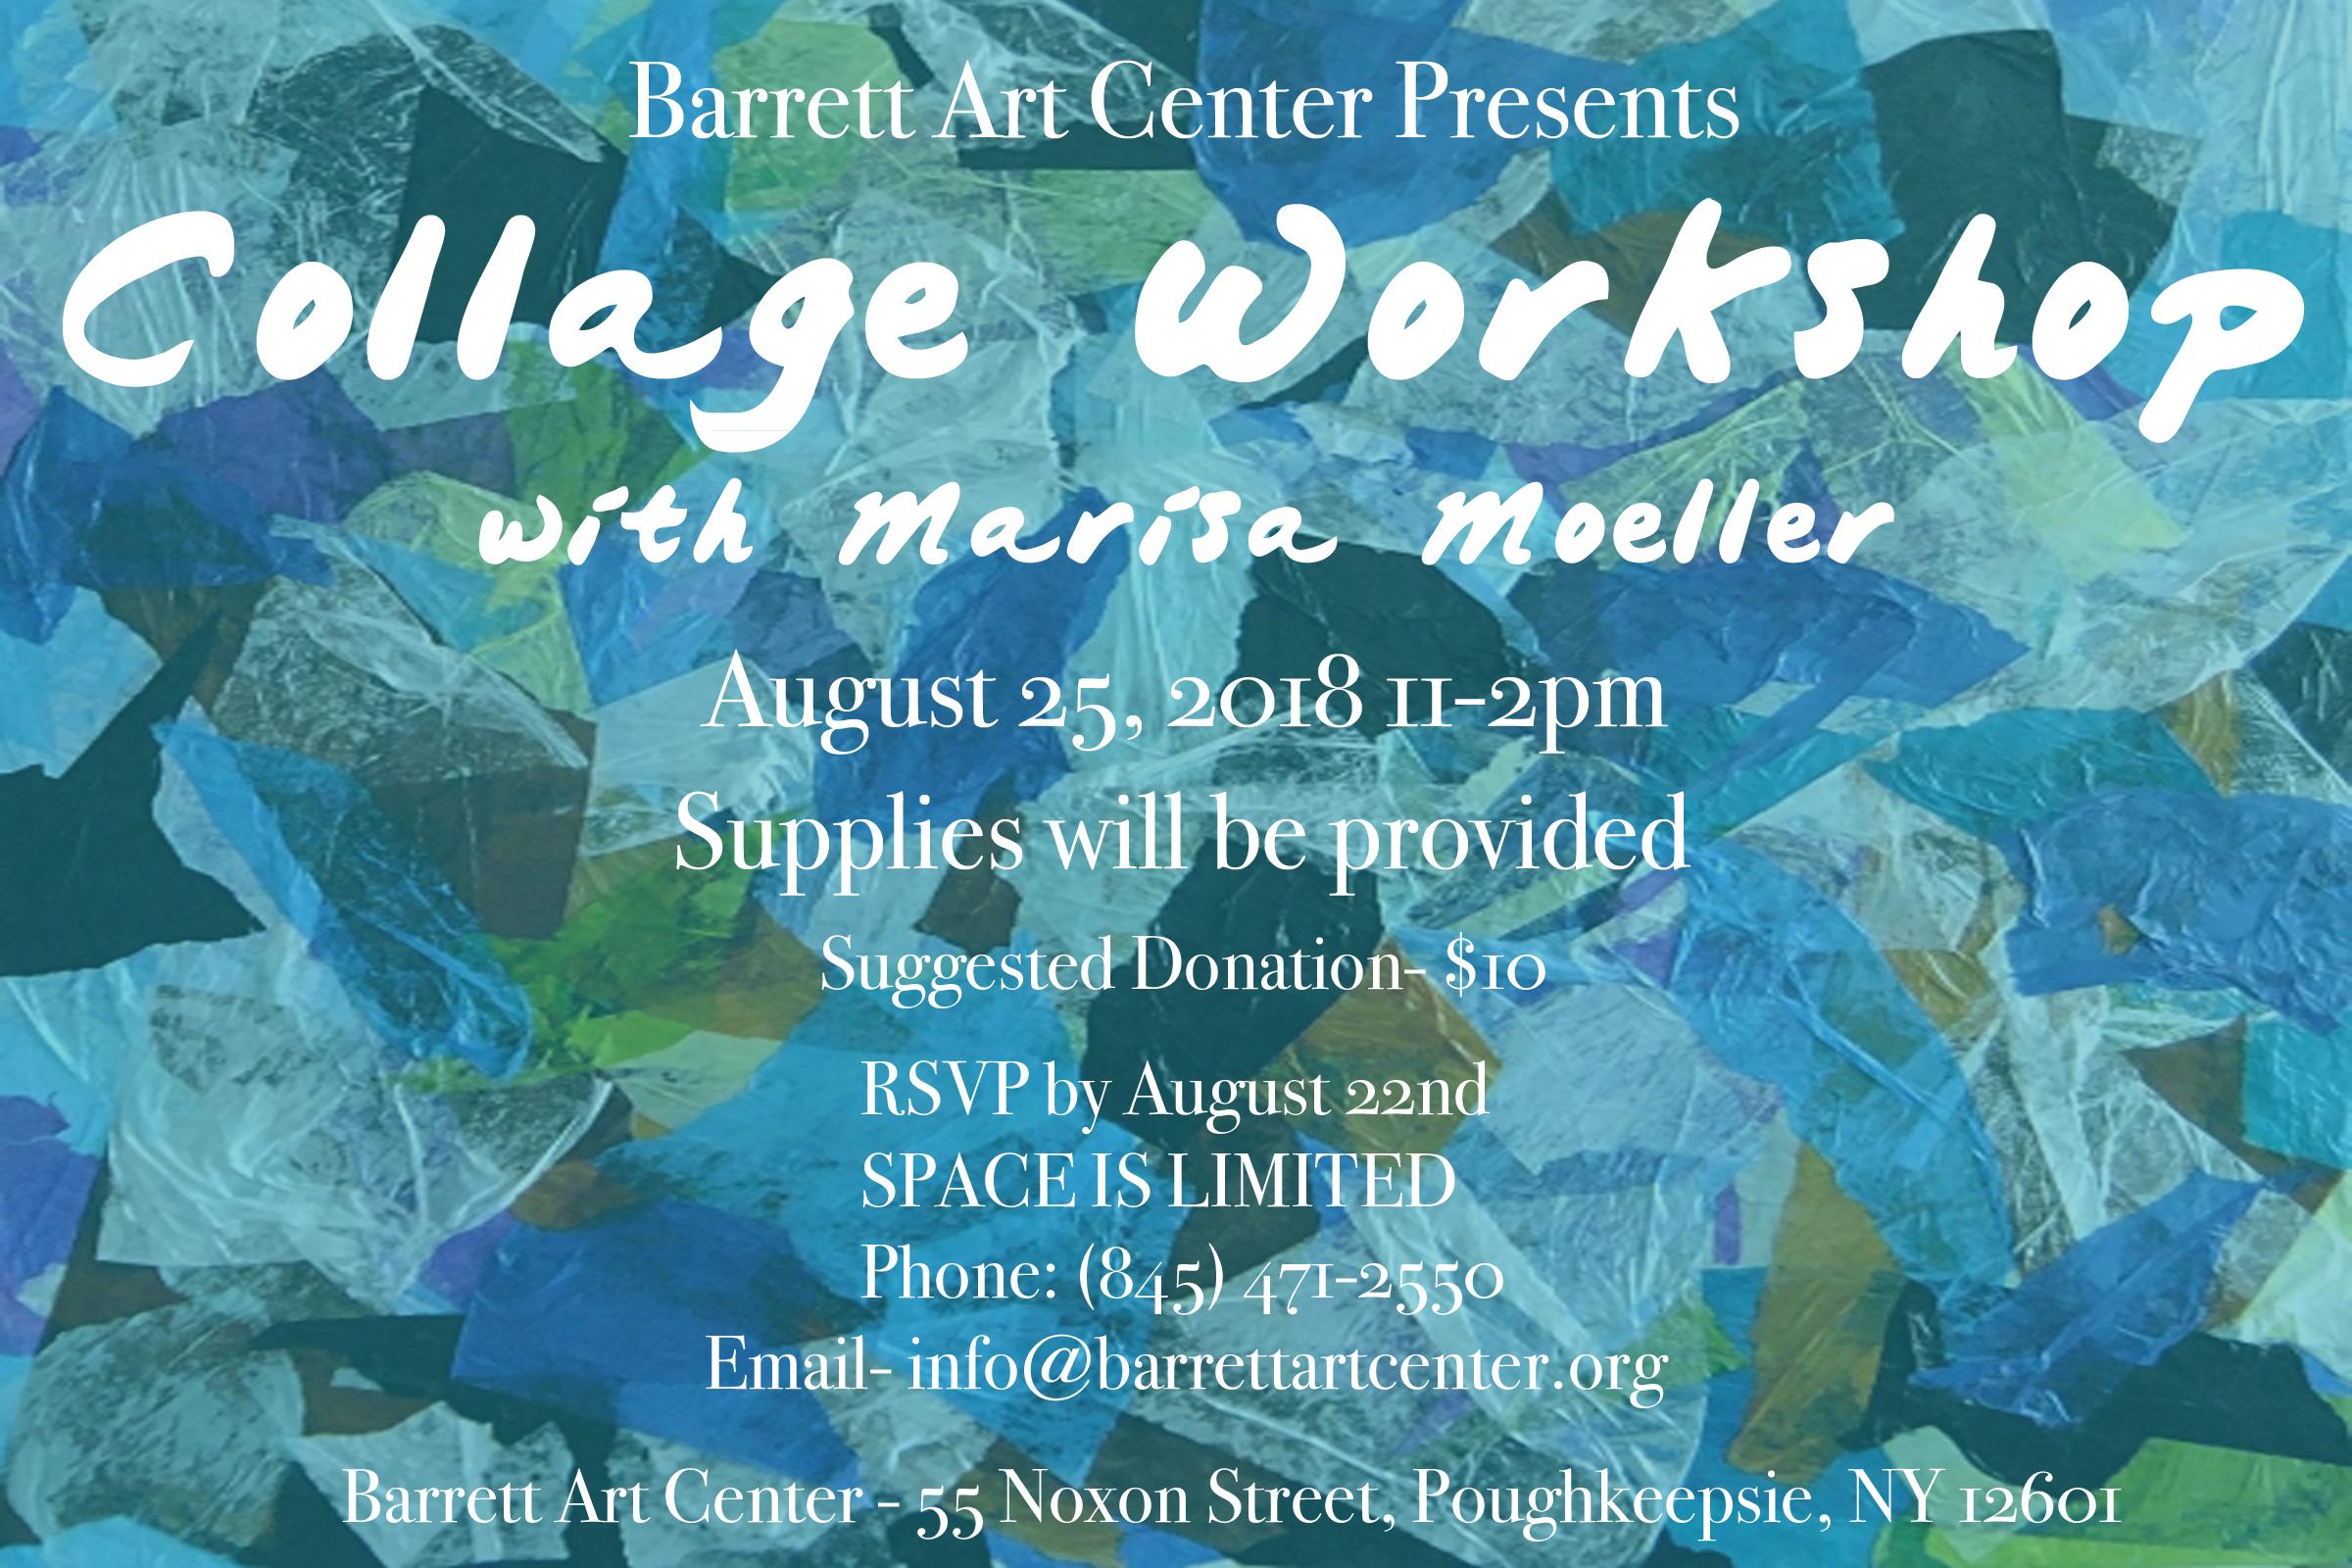 Collage-workshop-august25-nologo.jpg